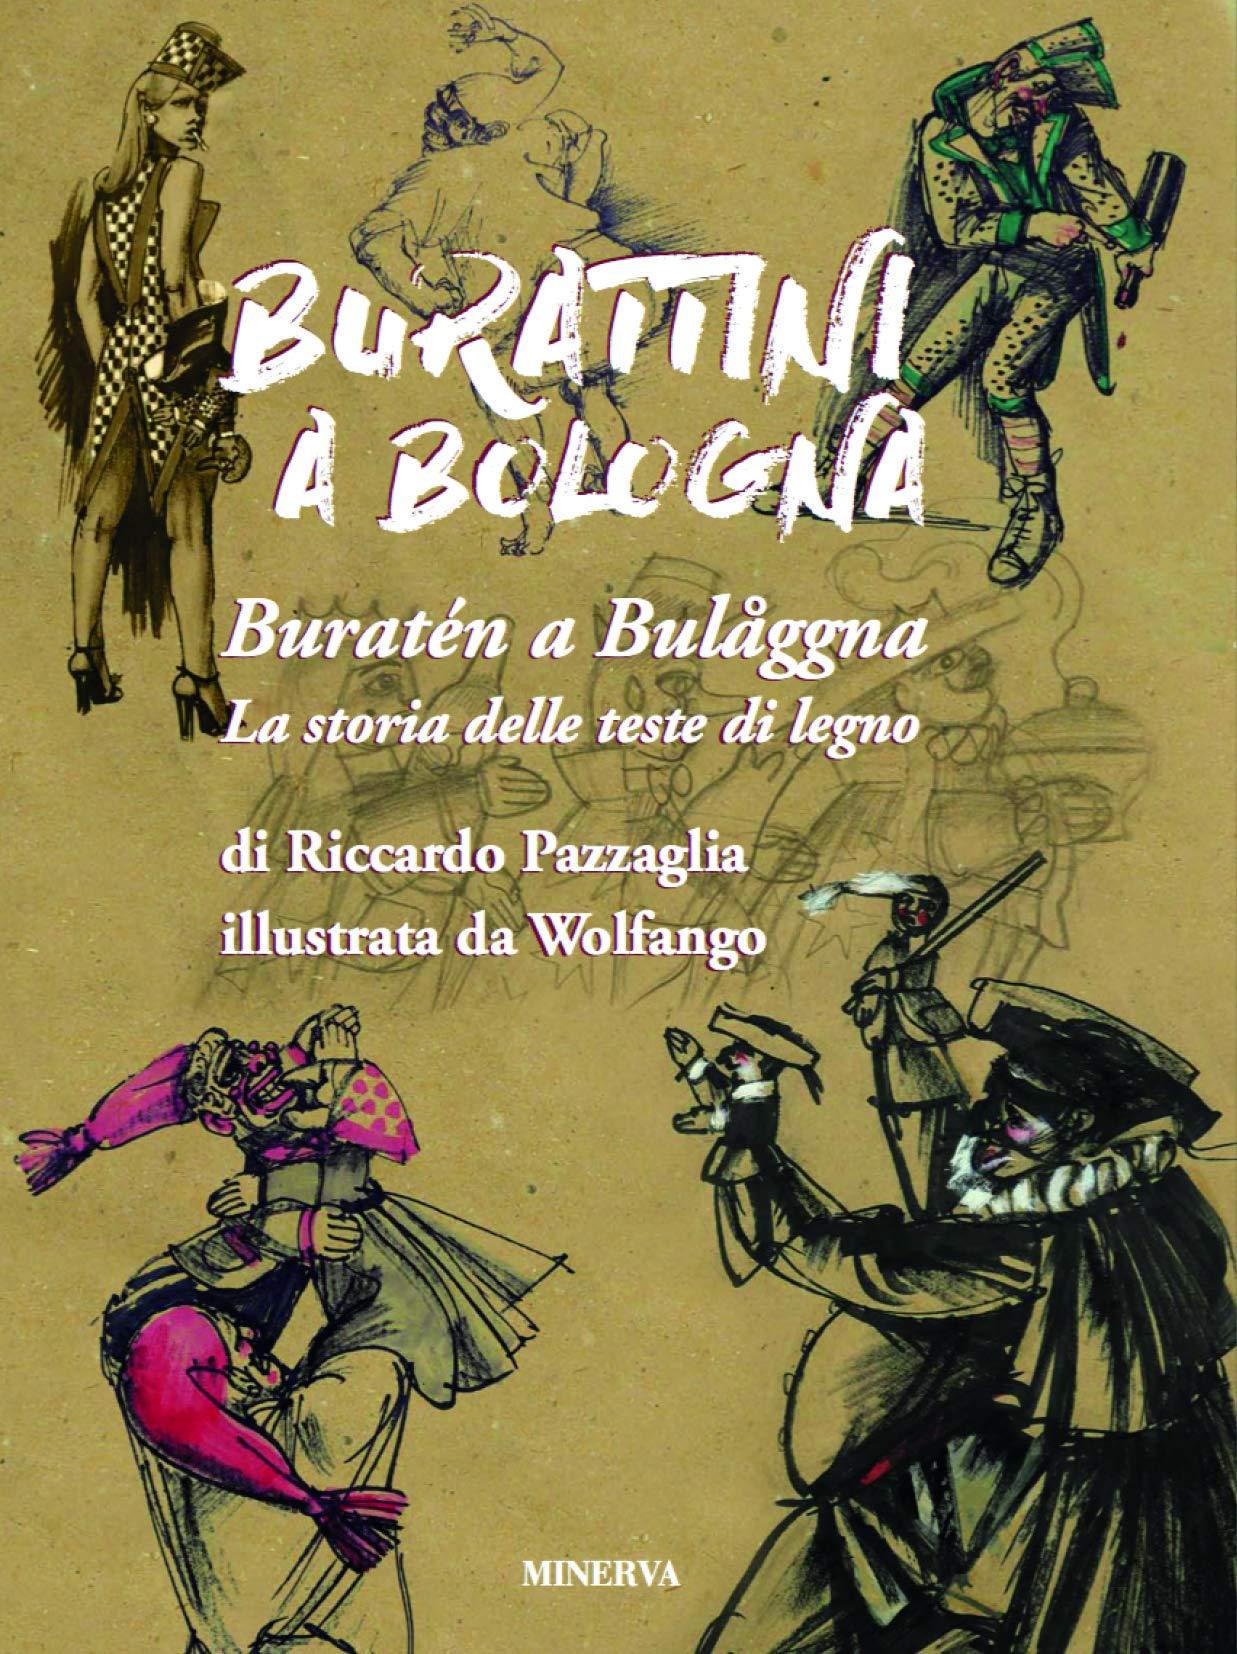 Burattini A Bologna La Storia Delle Teste Di Legno Ediz A Colori Amazon It Pazzaglia Riccardo Wolfango Libri